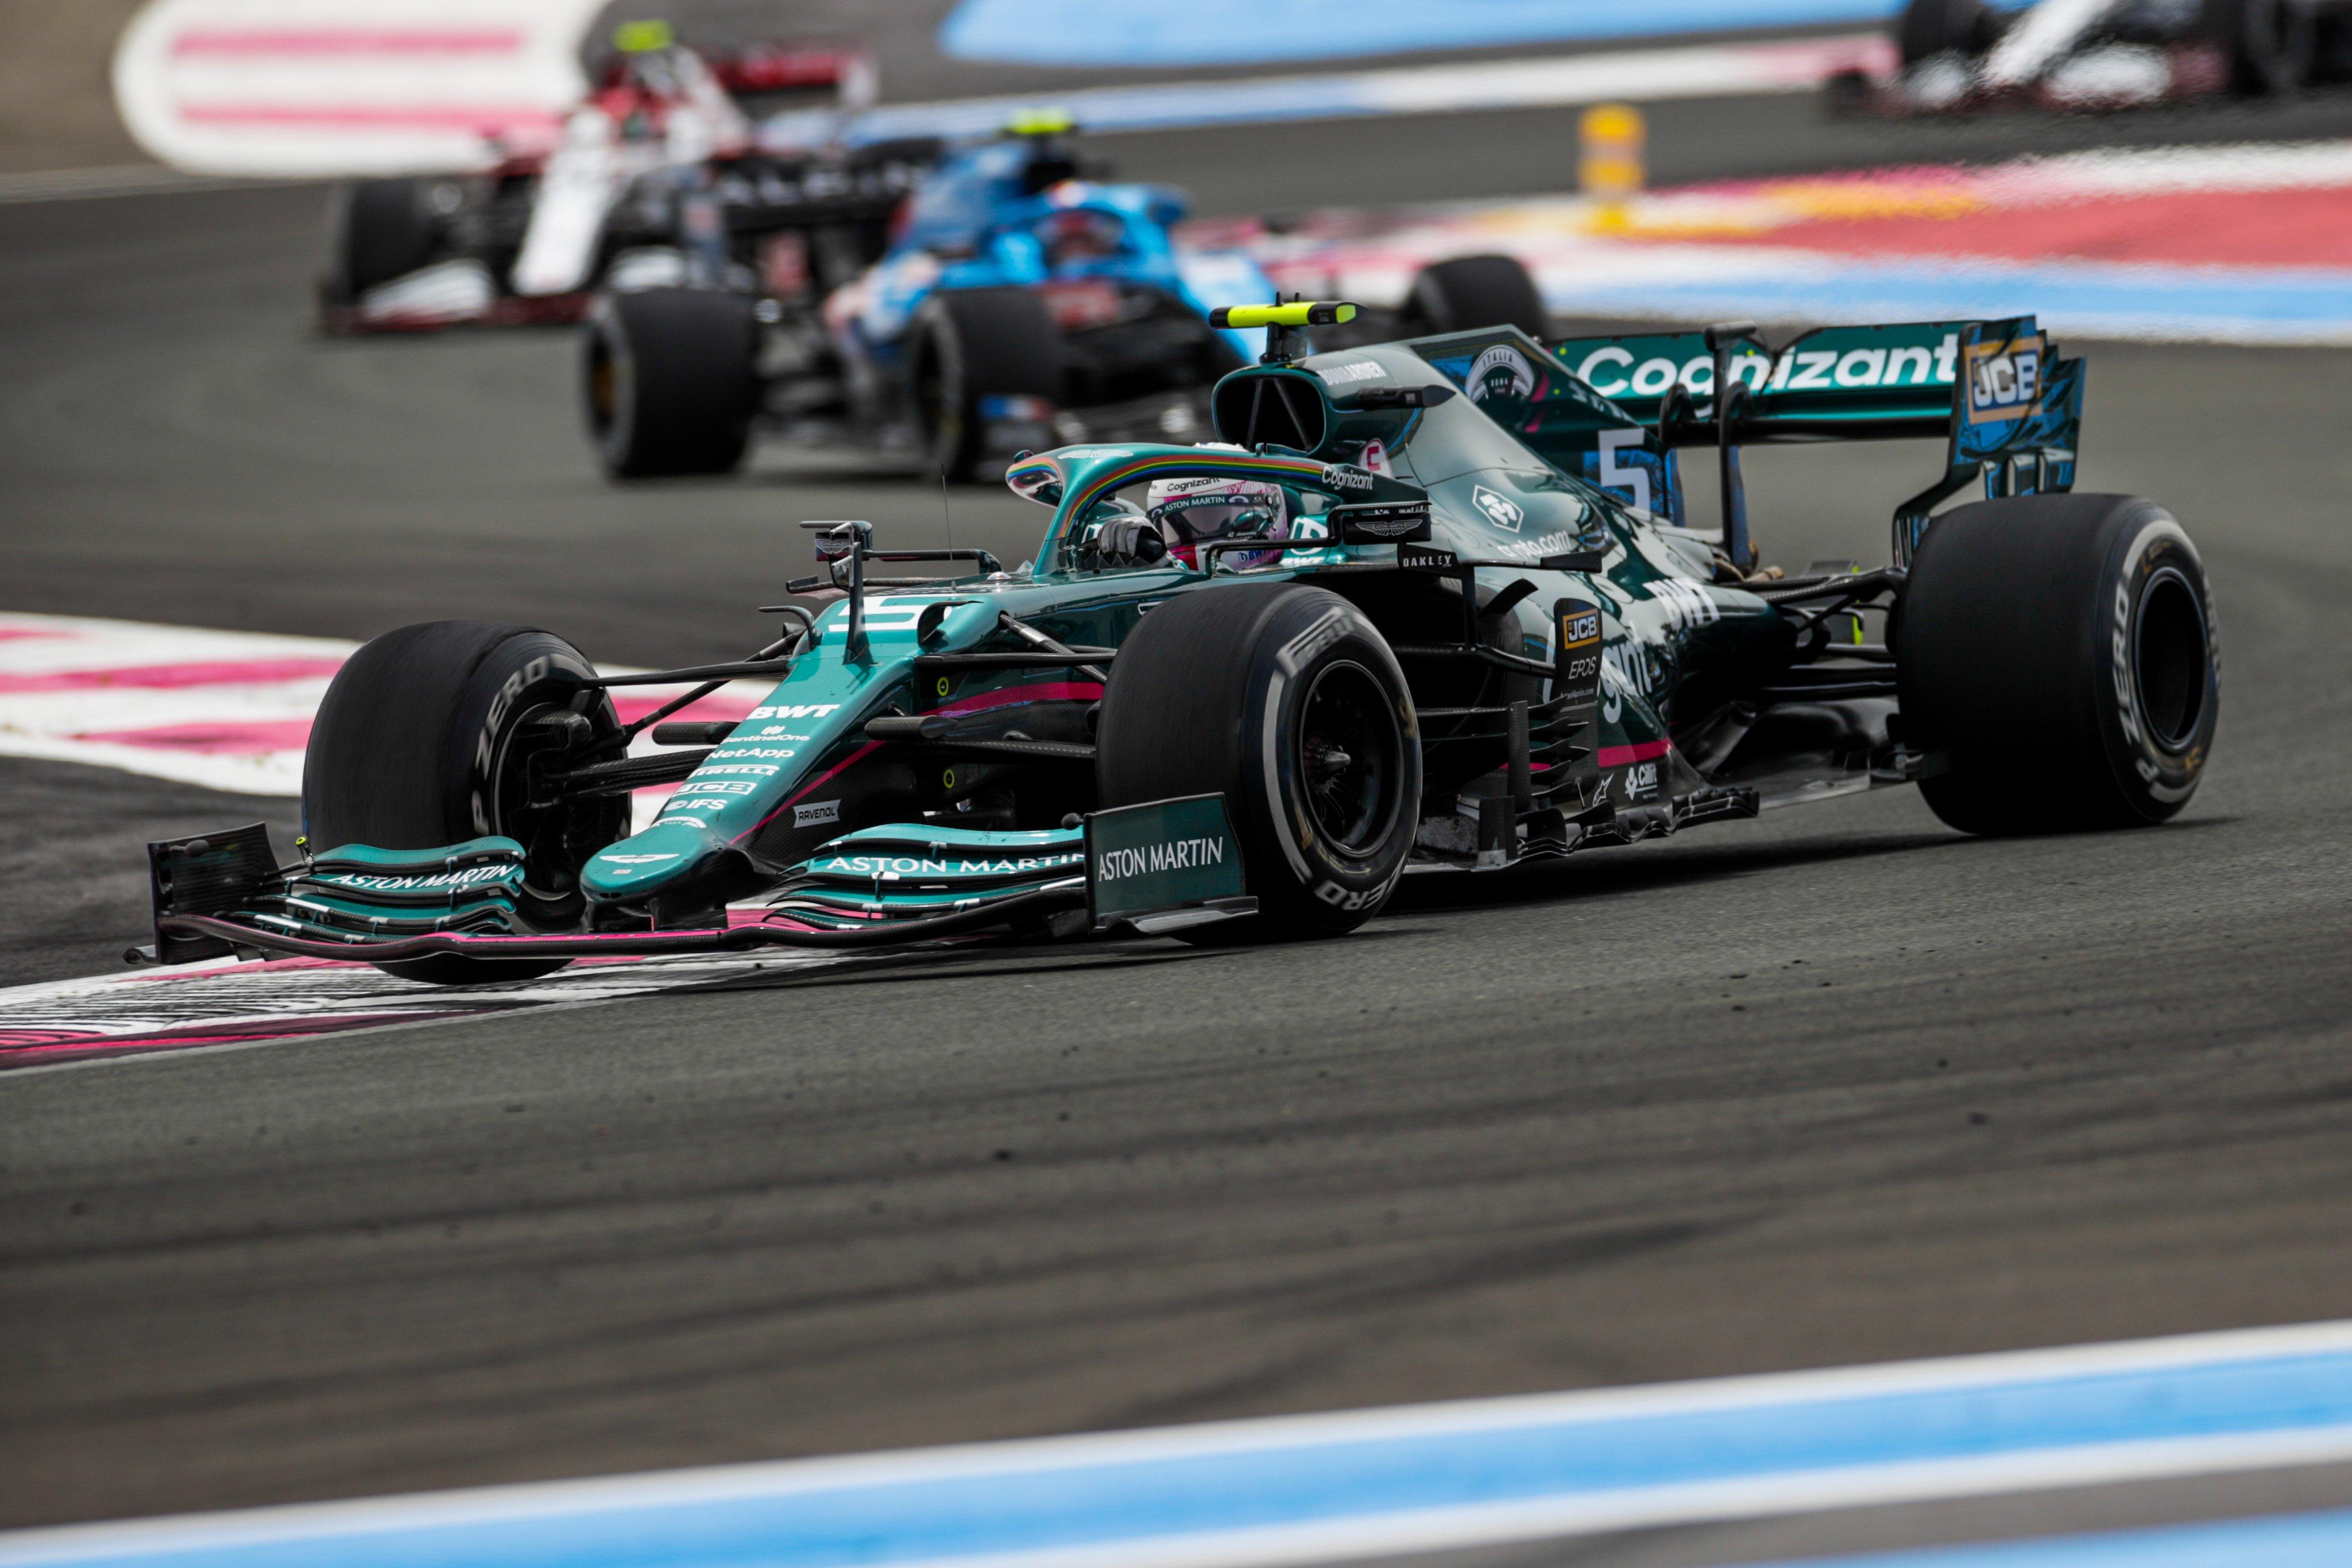 Domingo en Francia – Aston Martin: la estrategia hace ganar puntos en Paul Ricard